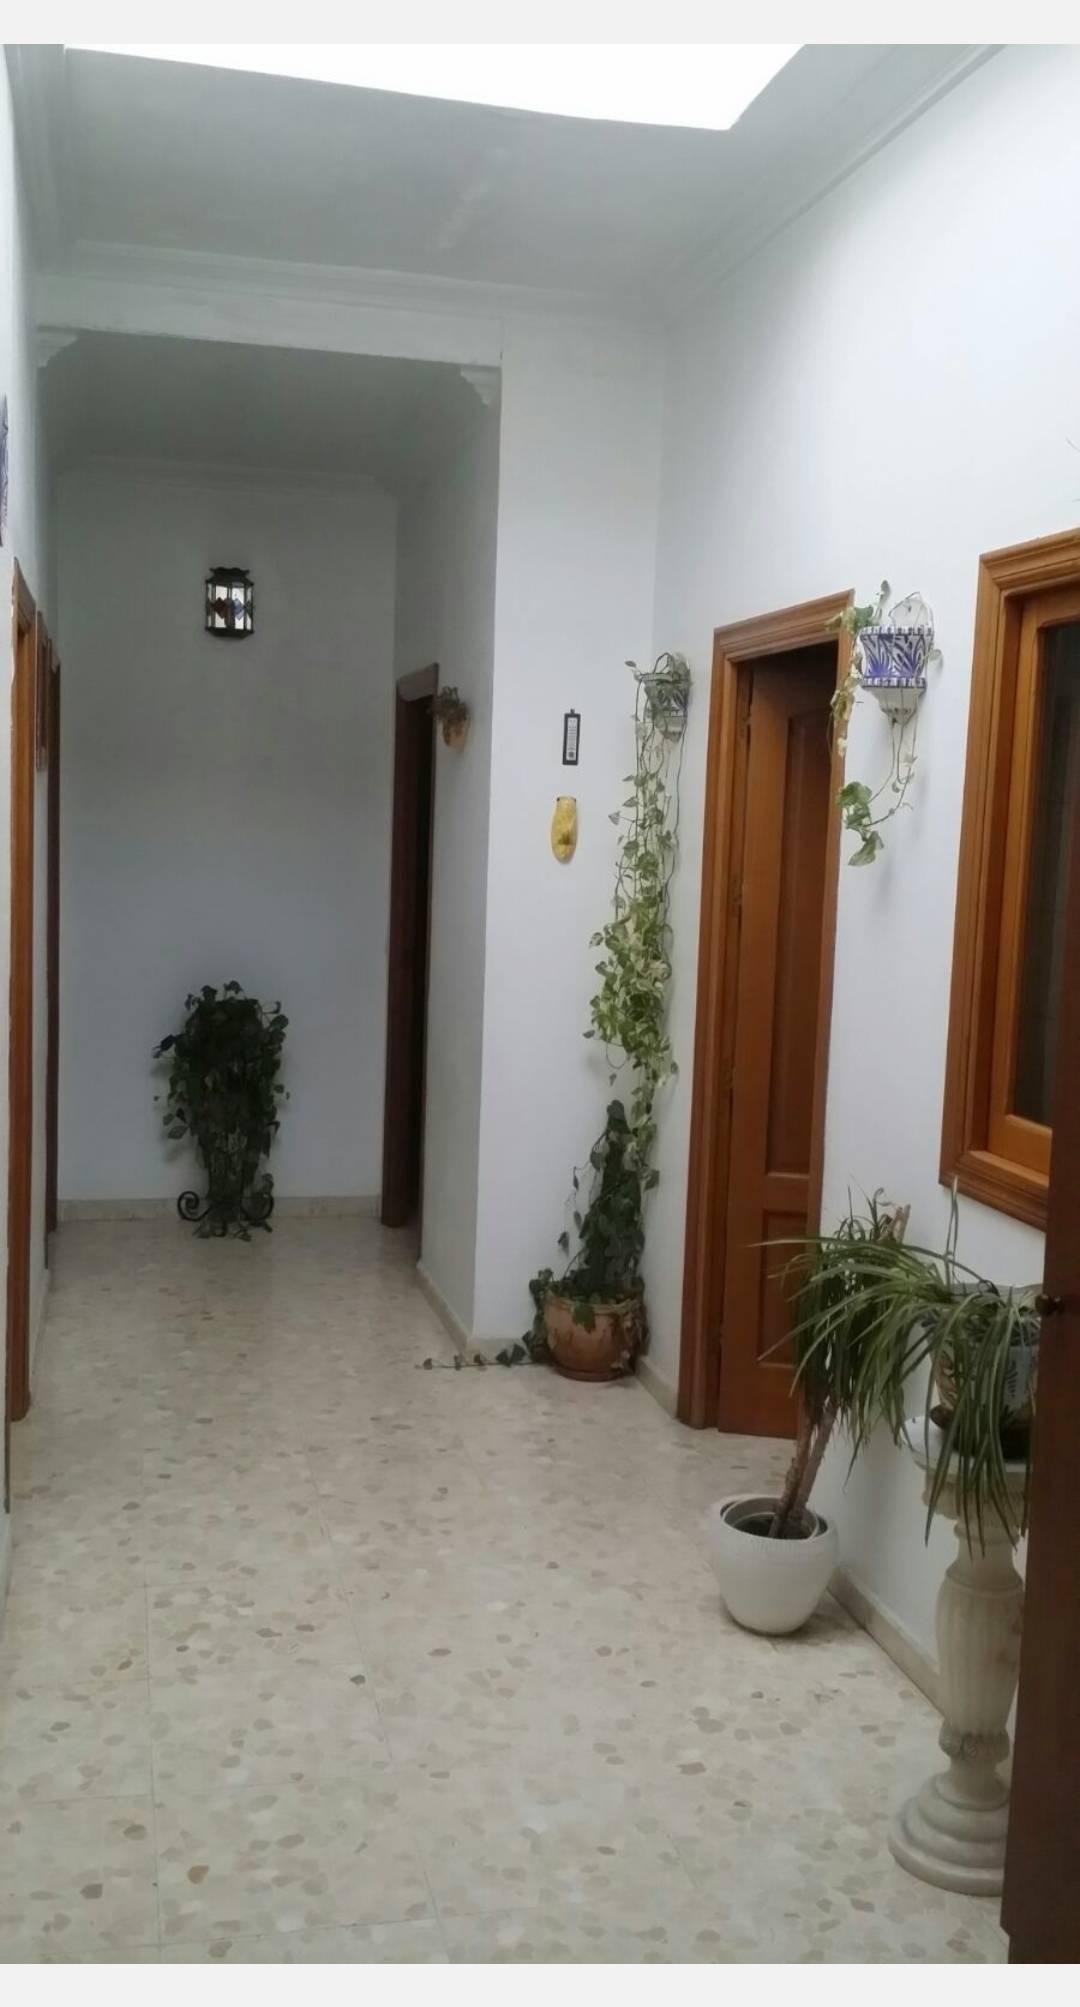 Casa con local (comercial, garaje o almacén) y azotea  - Foto 5